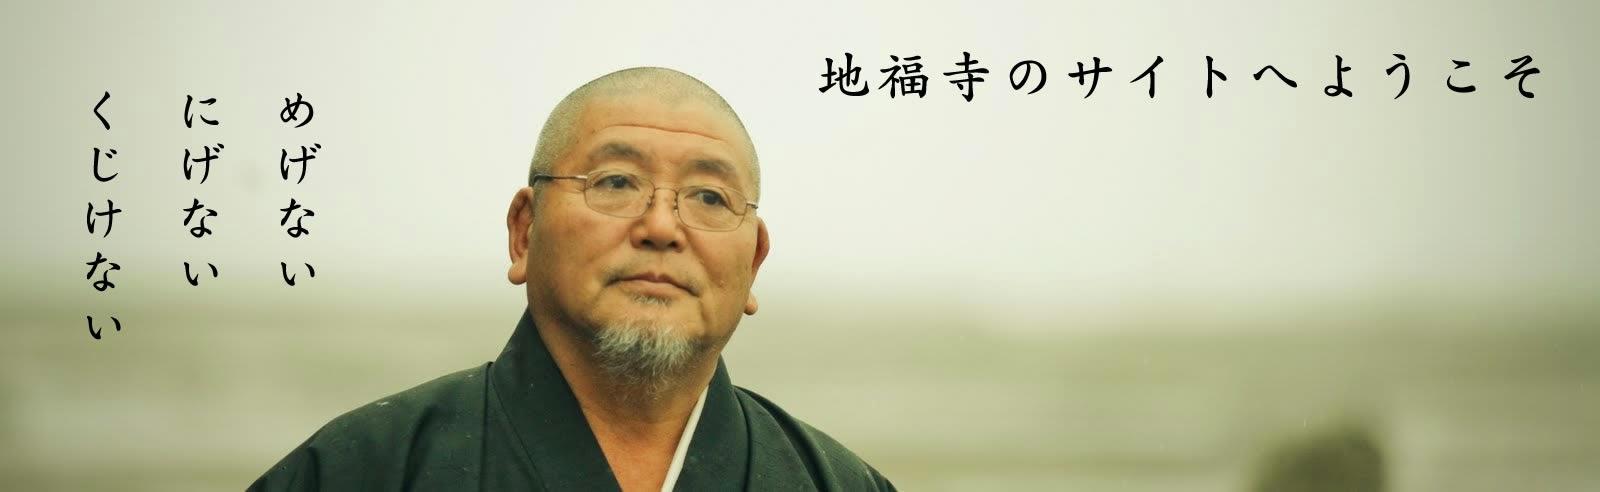 地福寺(気仙沼)